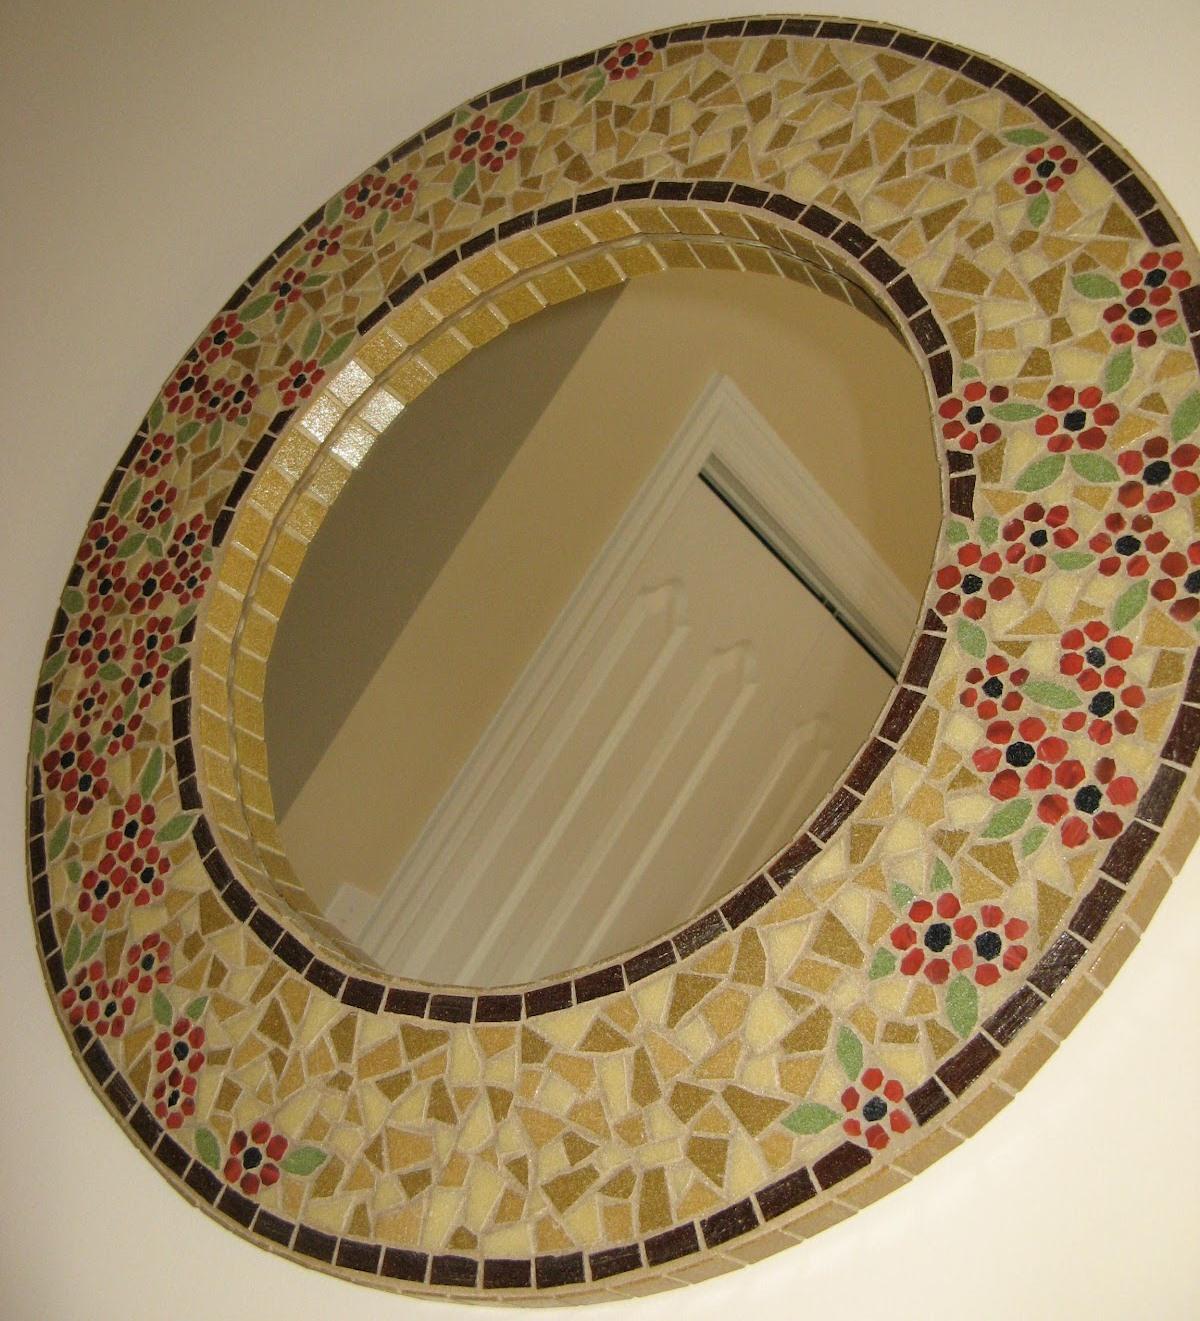 Espelho Redondo com Mosaico